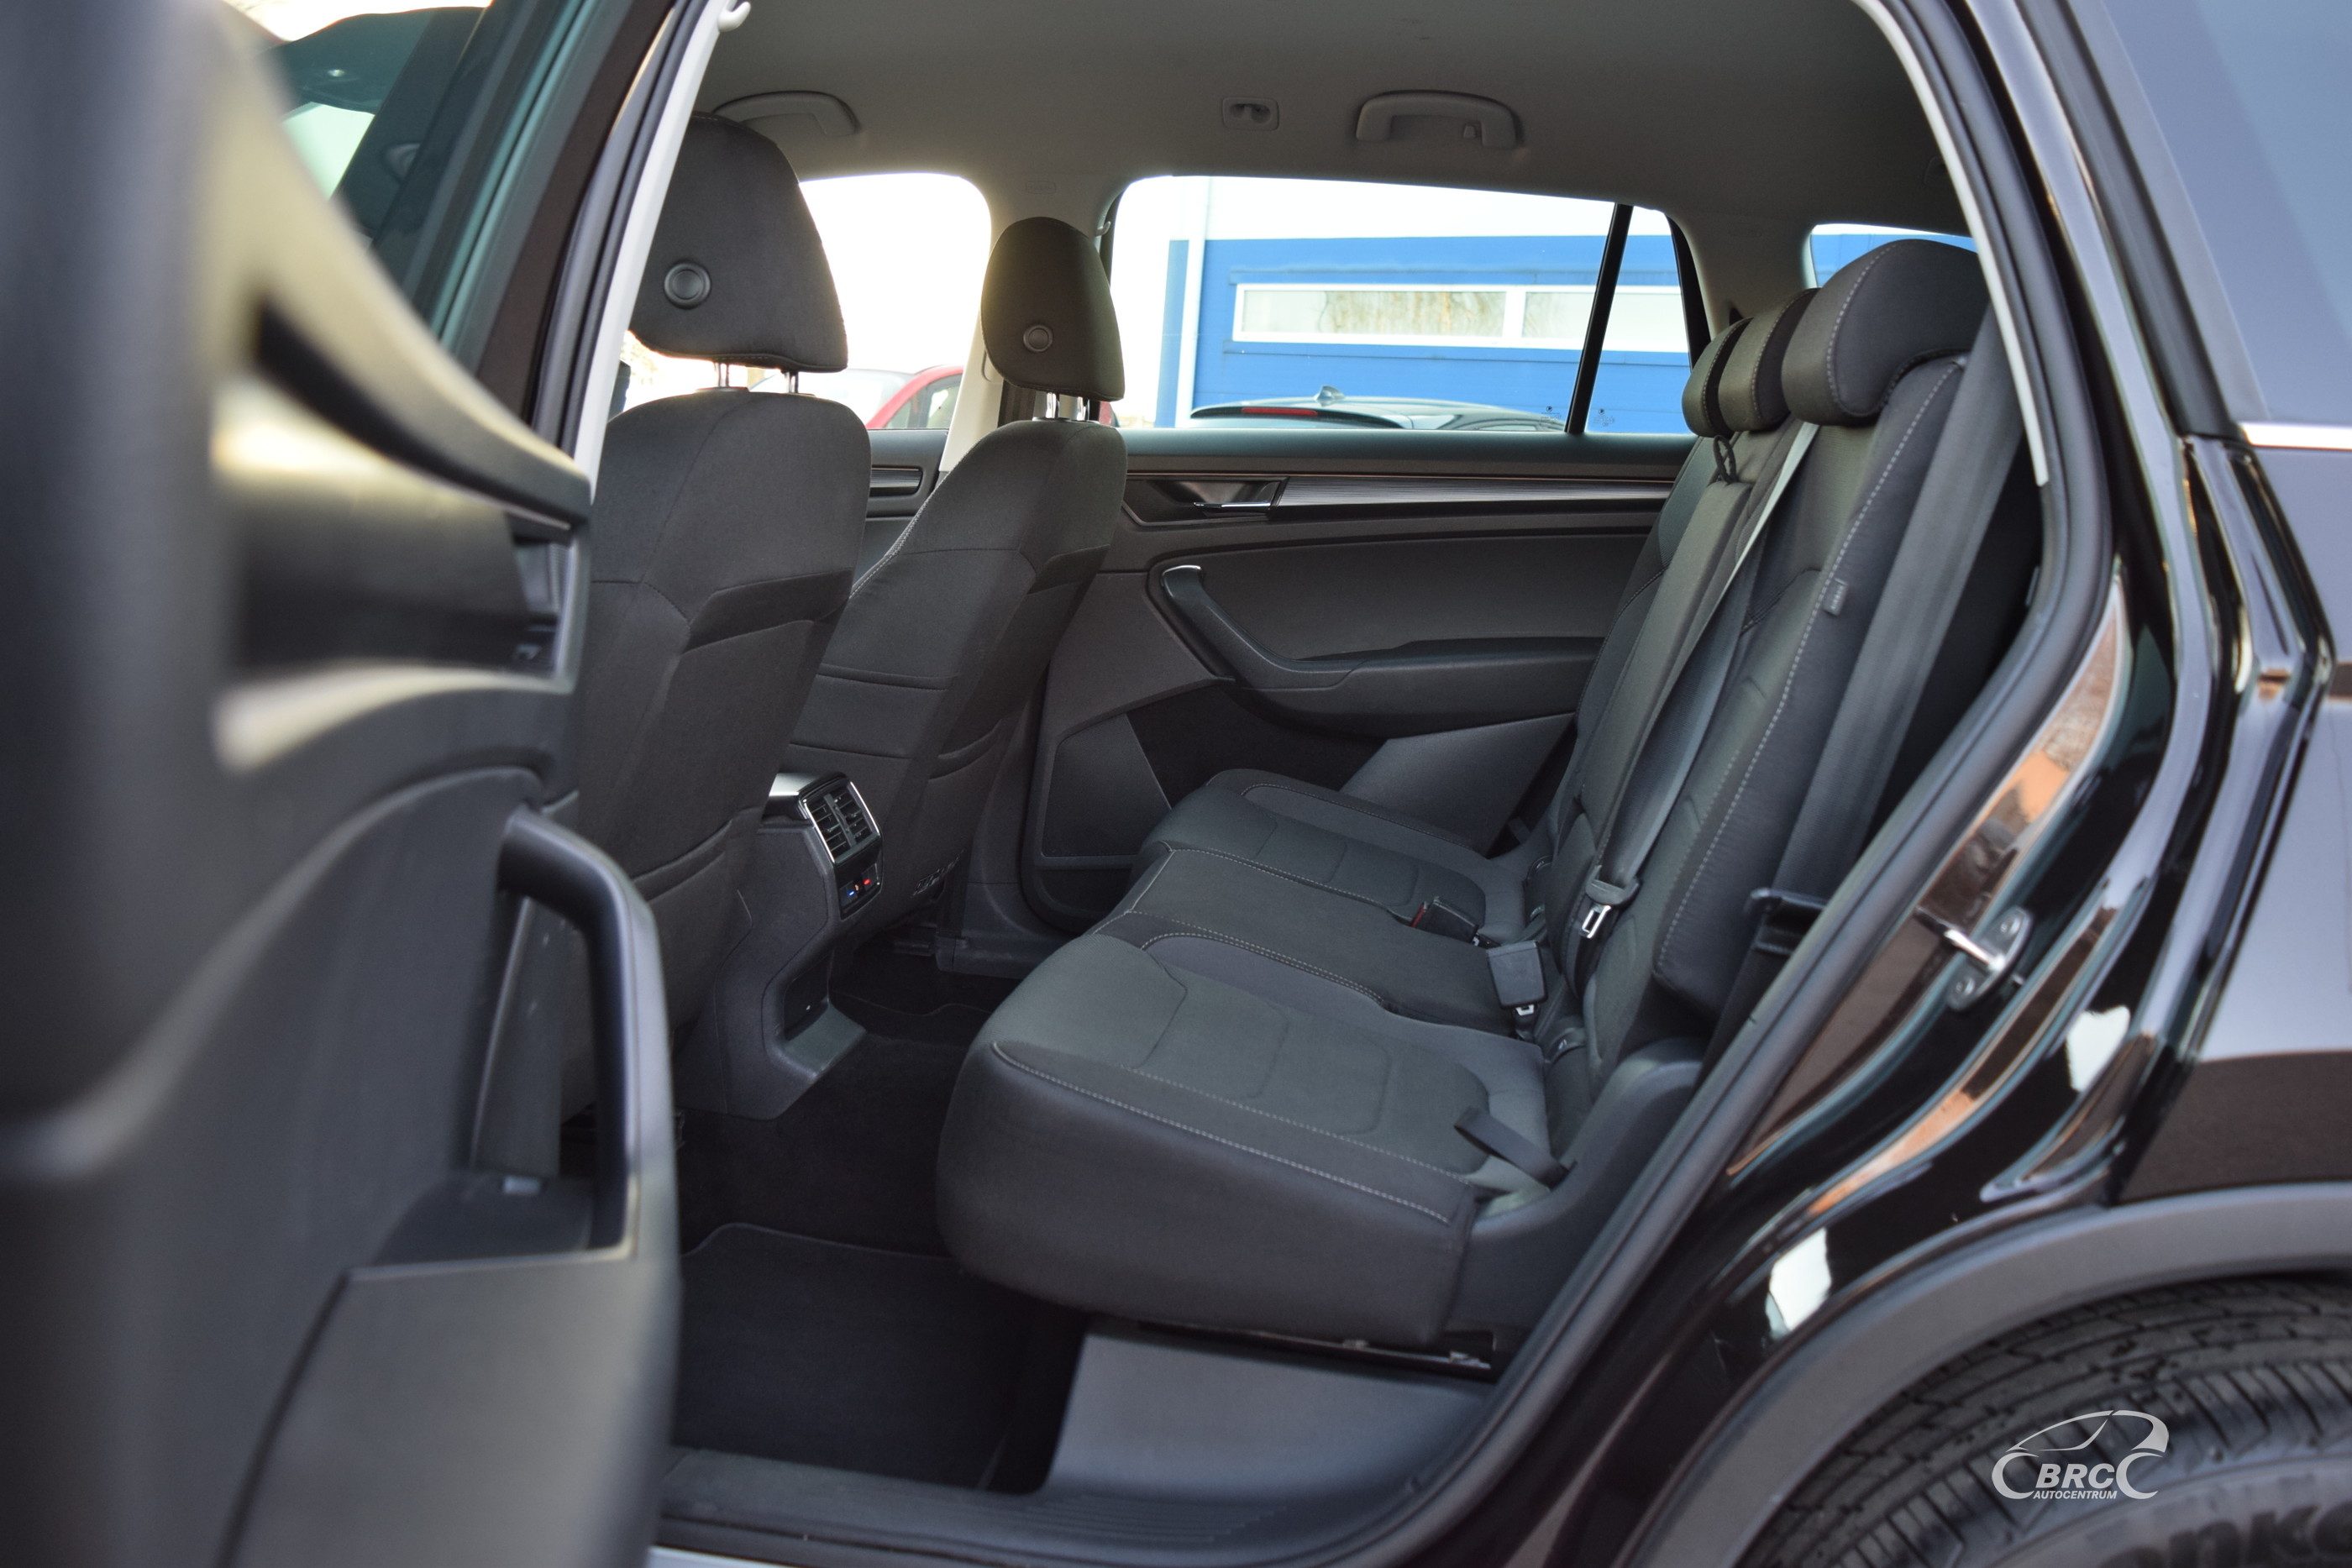 Skoda Kodiaq DSG FWD 7 seats